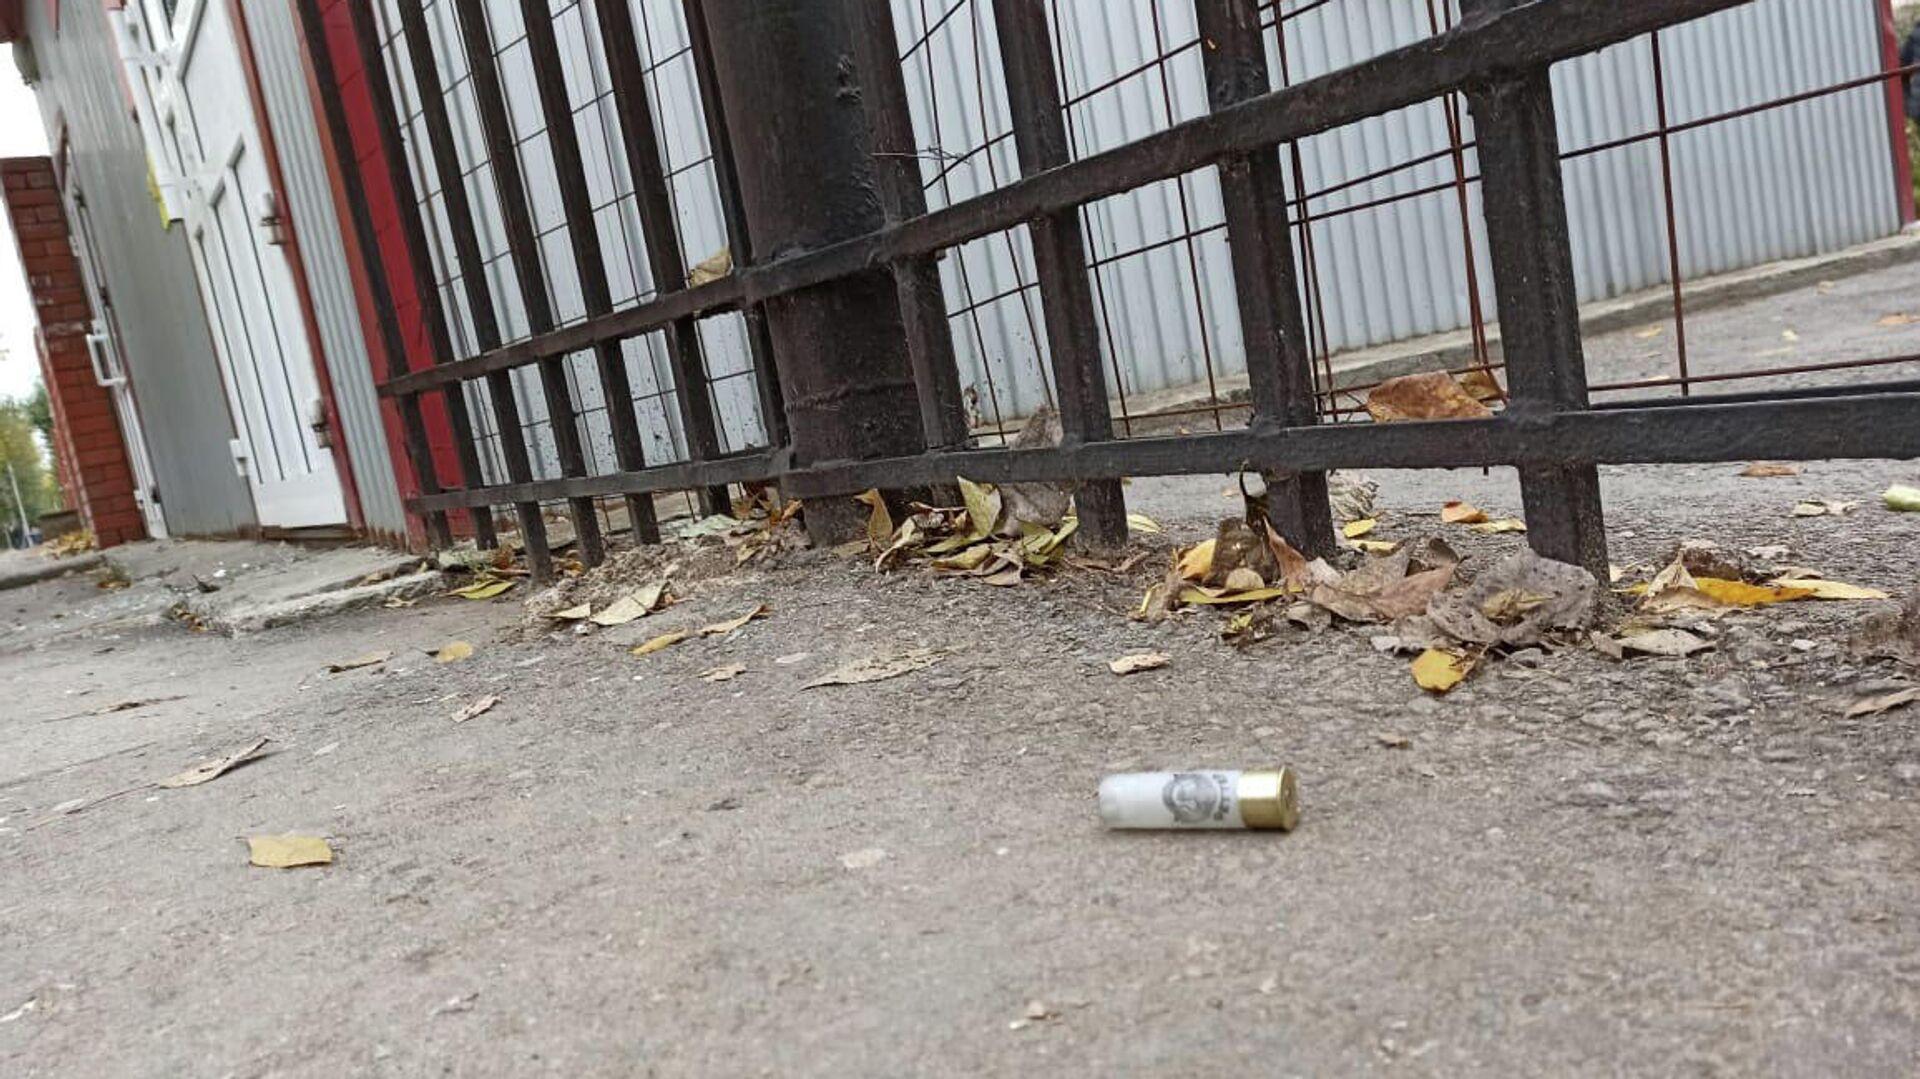 Росгвардия: стрелявший в Перми владел оружием на законных основаниях